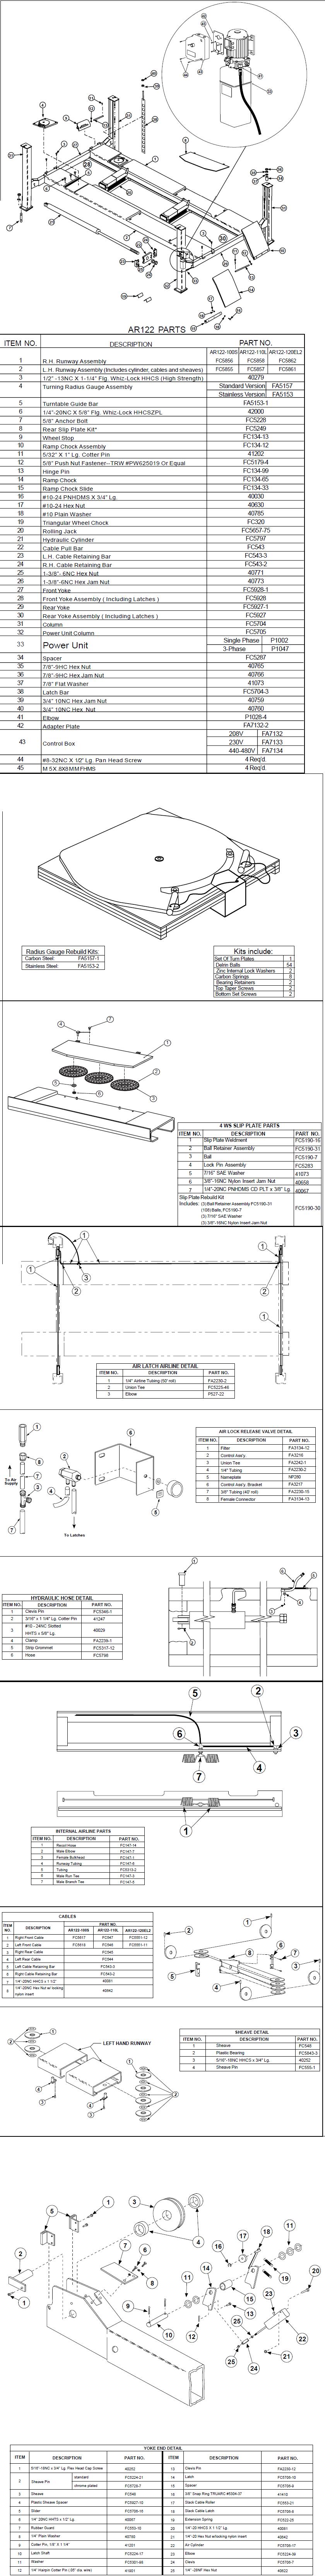 Rotary Ar122 Parts Diagram